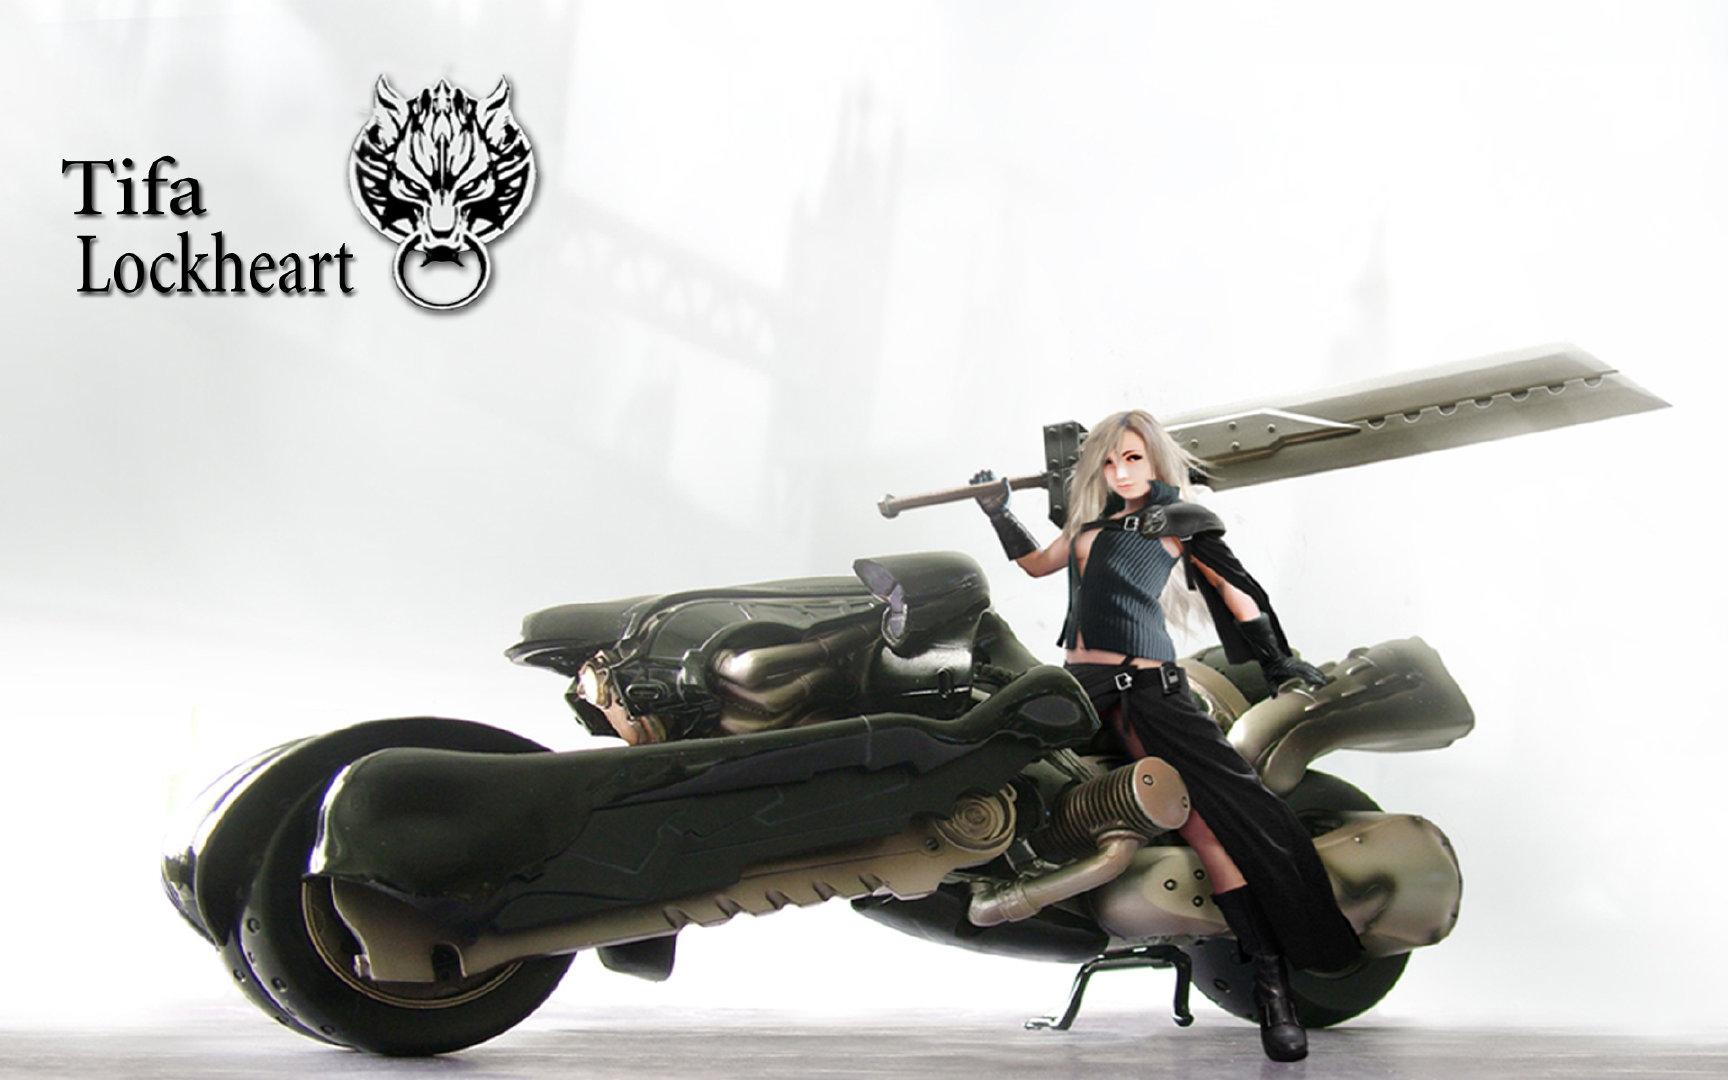 最终幻想VII蒂法·洛克哈特Tifa图片